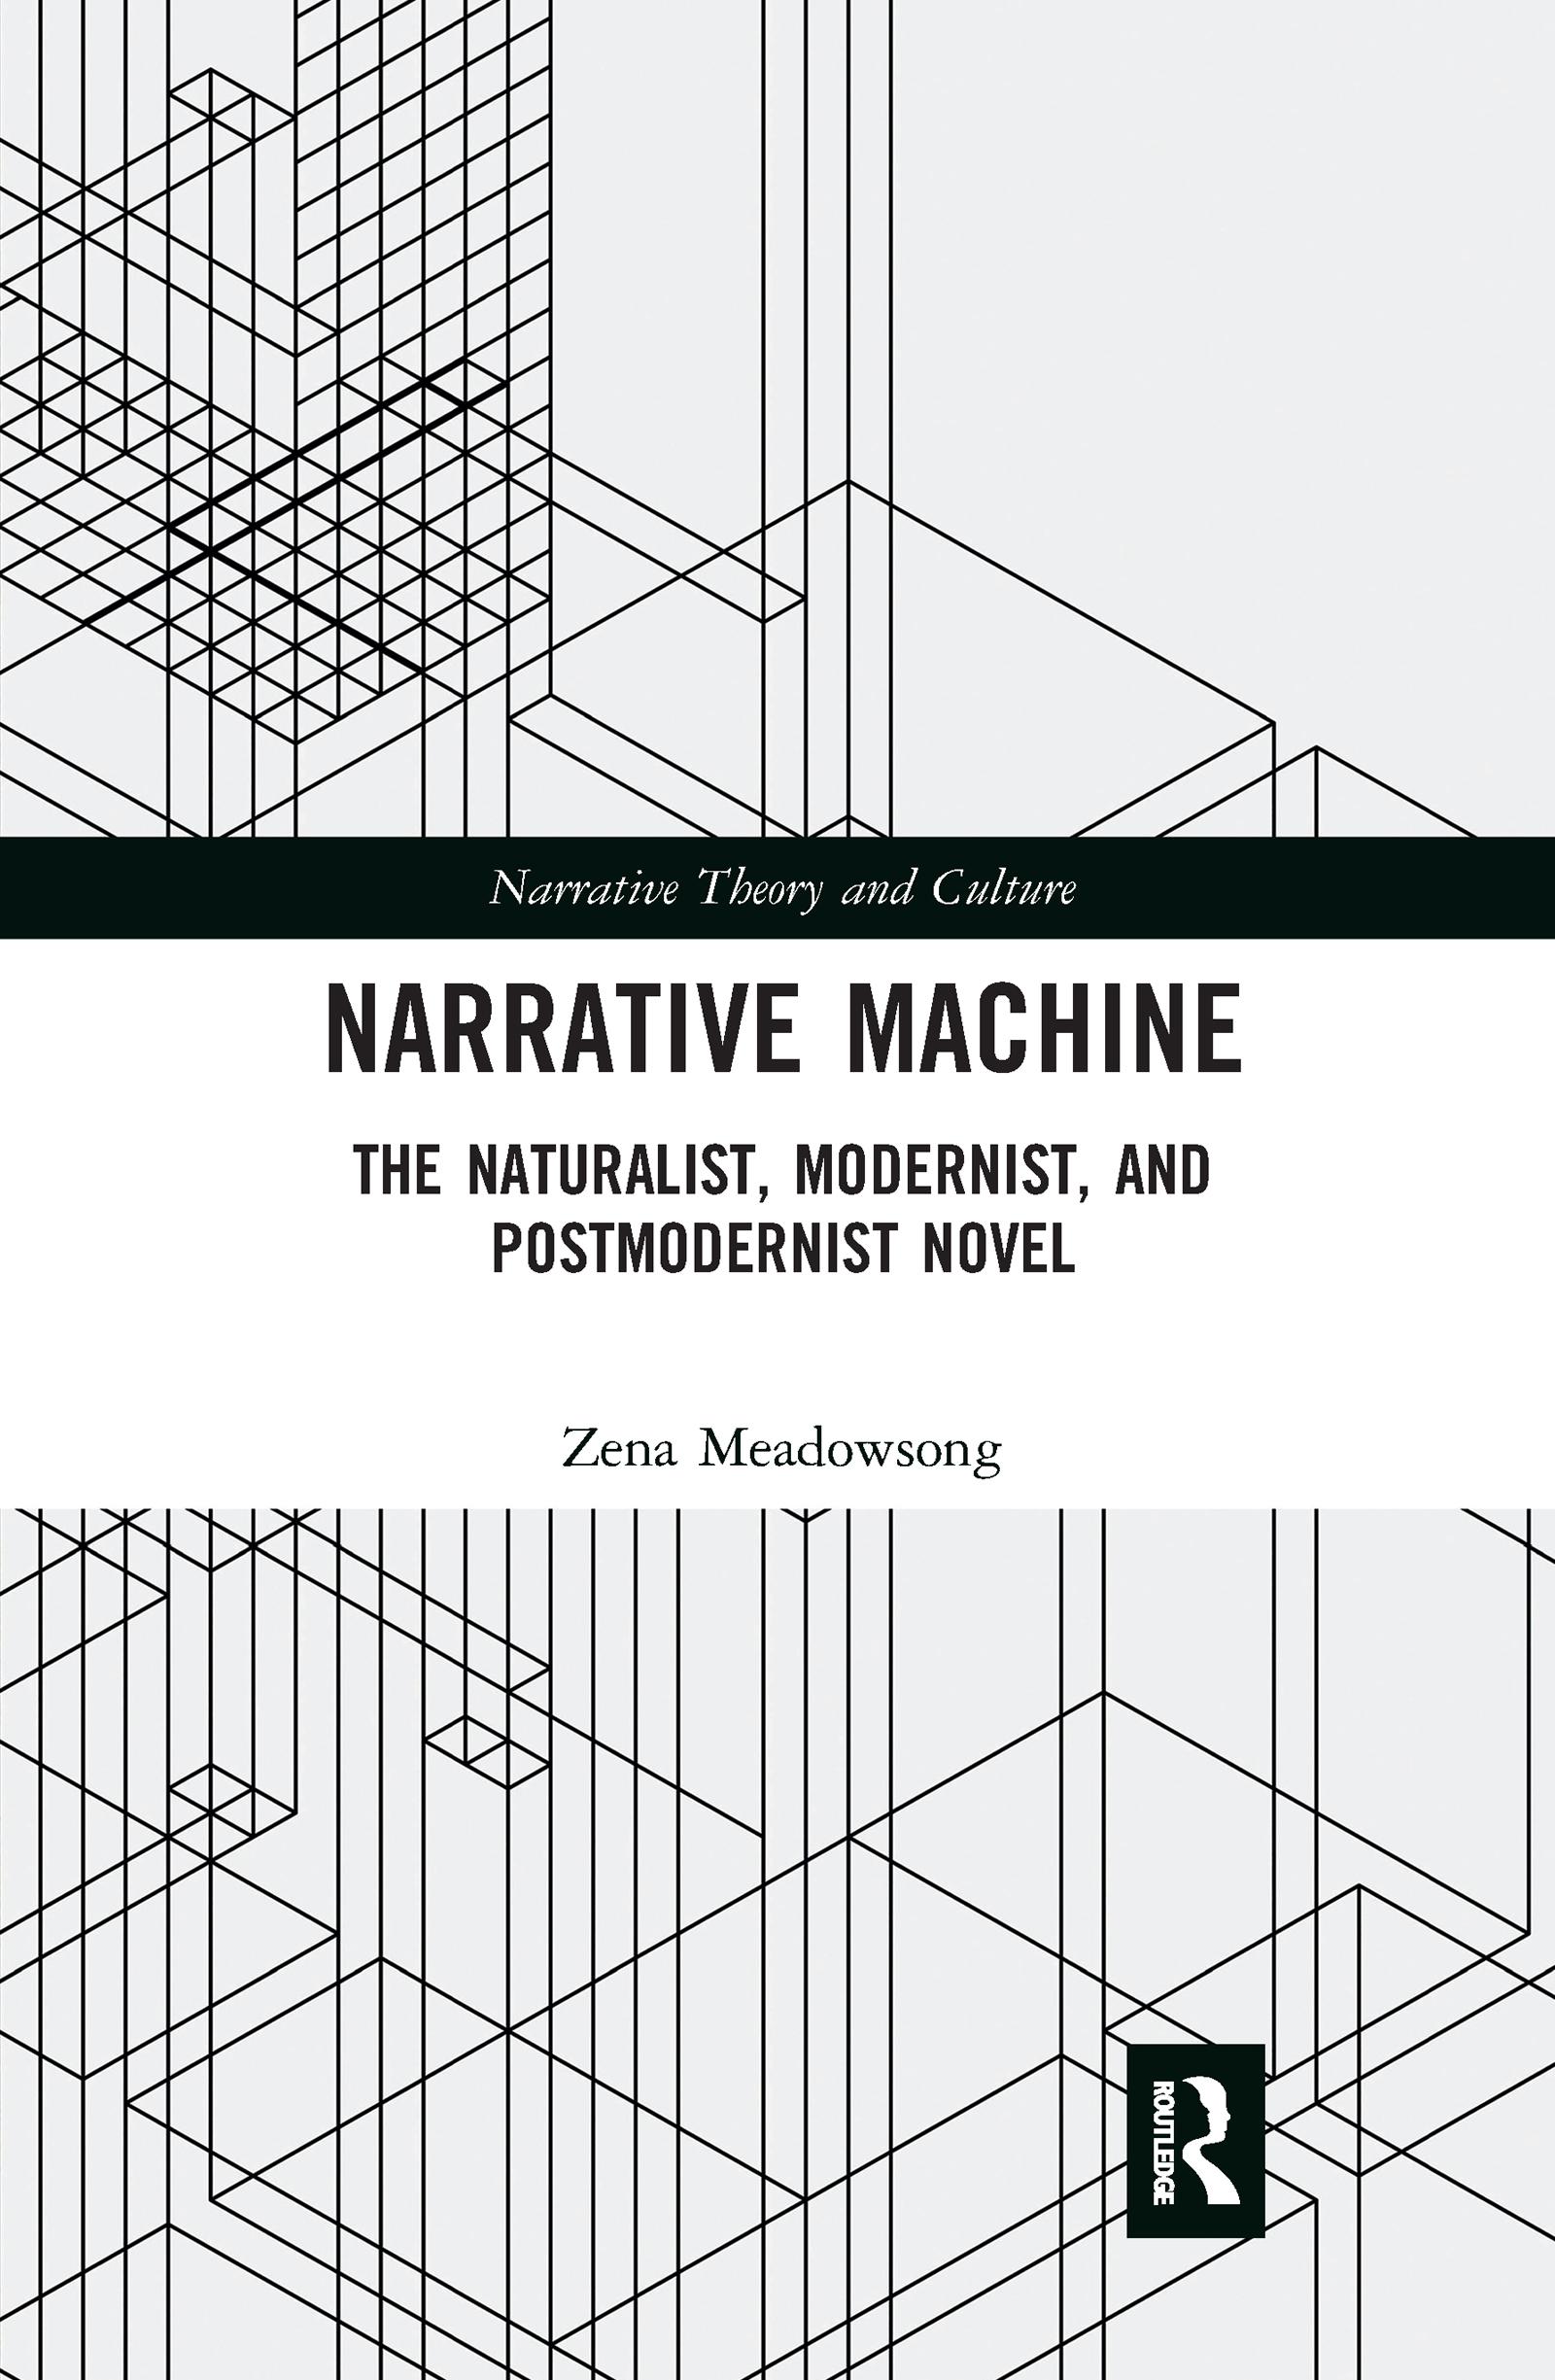 Narrative Machine